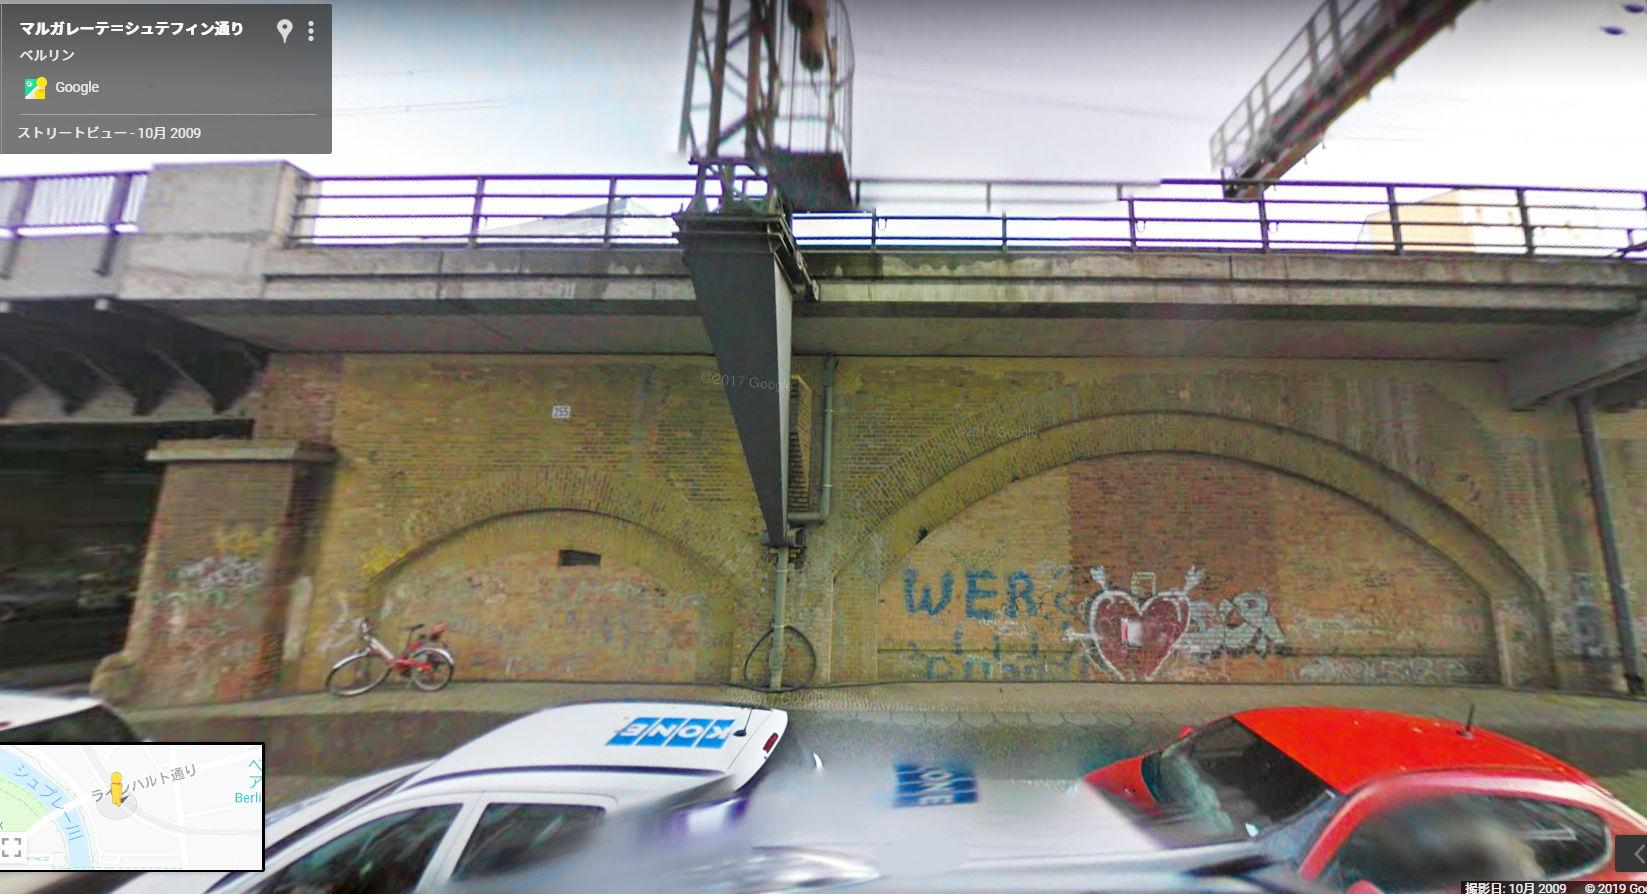 ユーラシア大陸鉄道横断旅行 Go West!1996その43・ベルリン・ベルリンの壁とミトローパ-4316